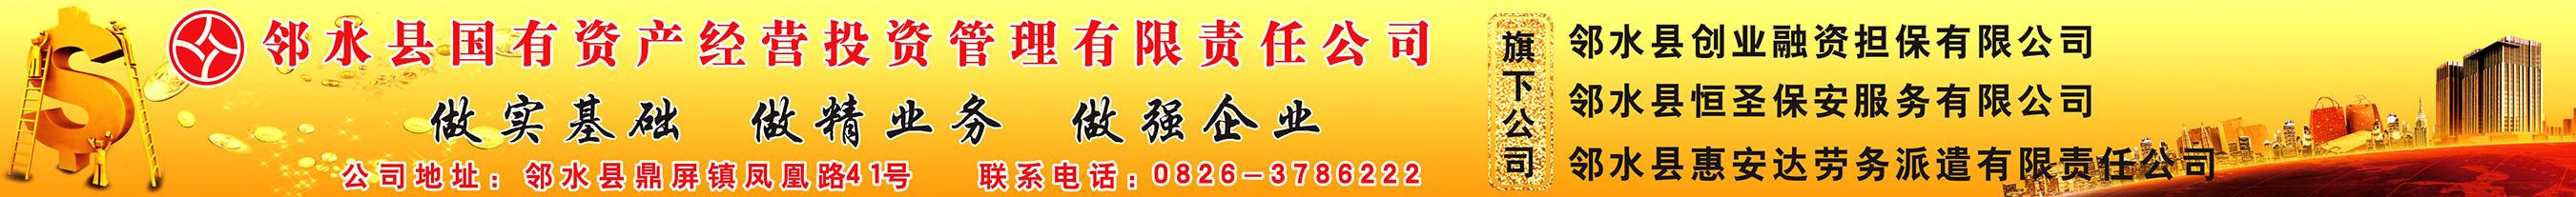 邻水县国有资产经营投资管理有限责任公司